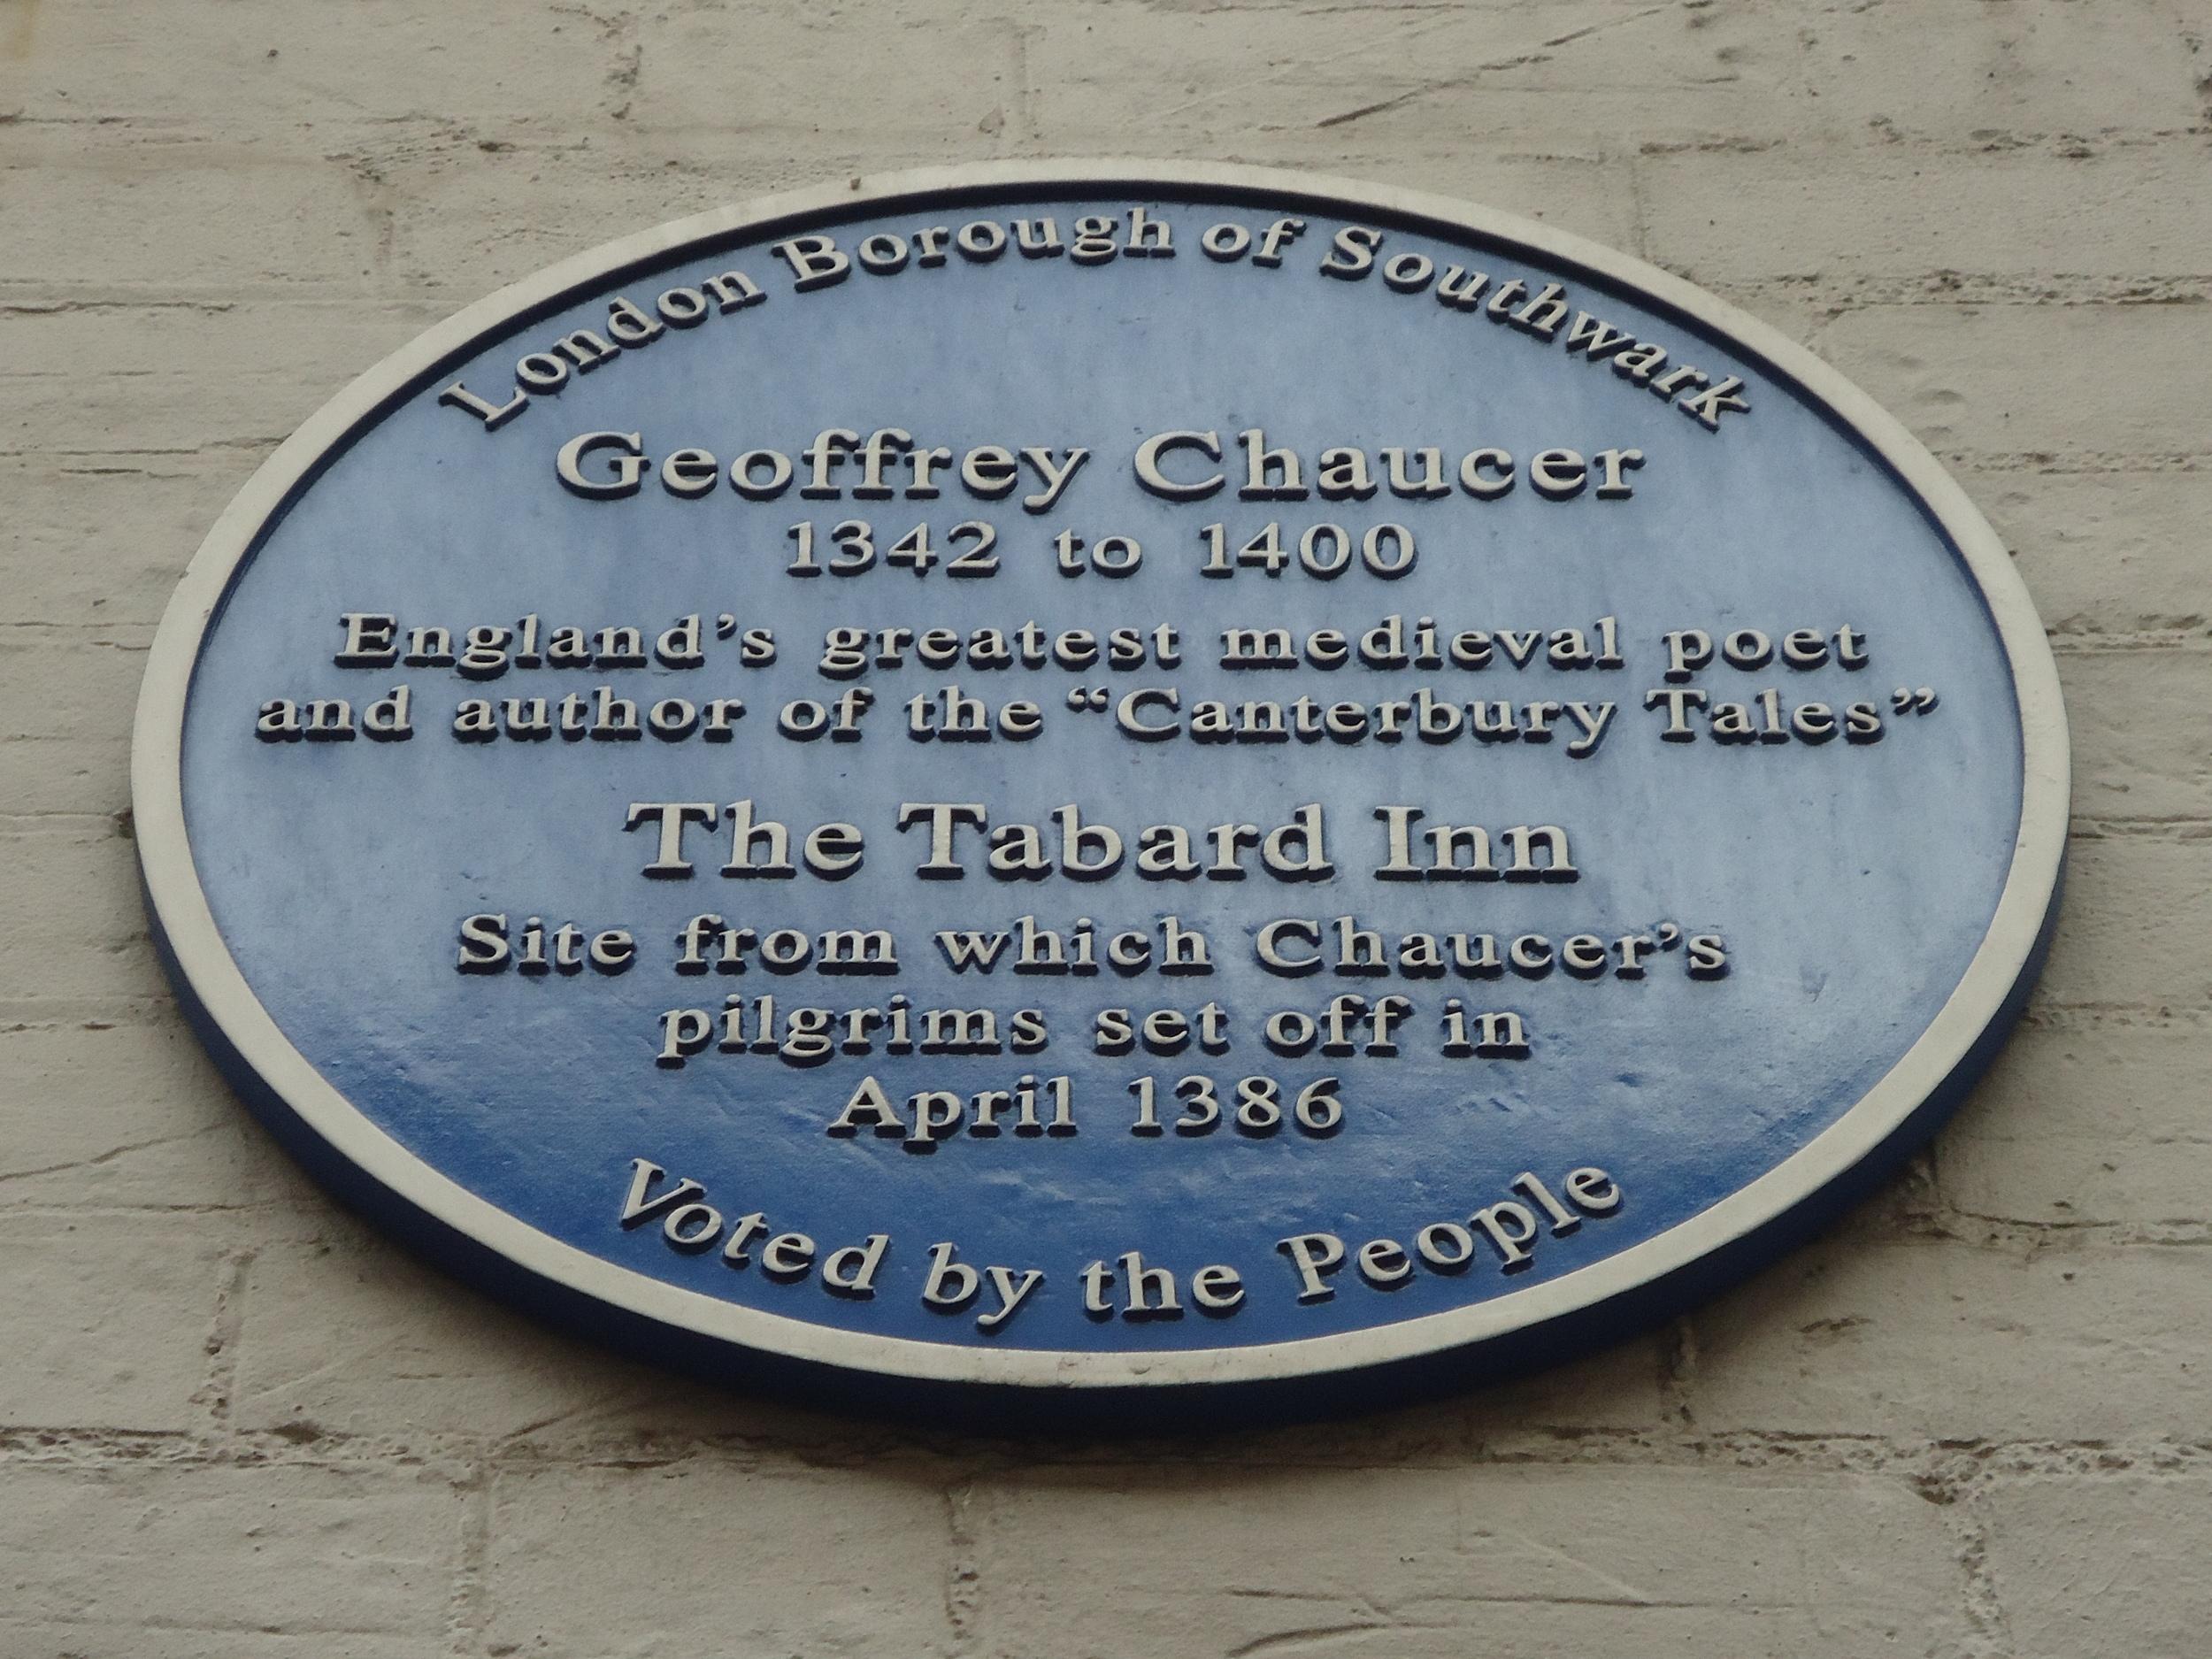 Una placa que indica el sitio de The Tabard Inn, donde los peregrinos de los Canterbury Tales se reunieron a contar sus historias.